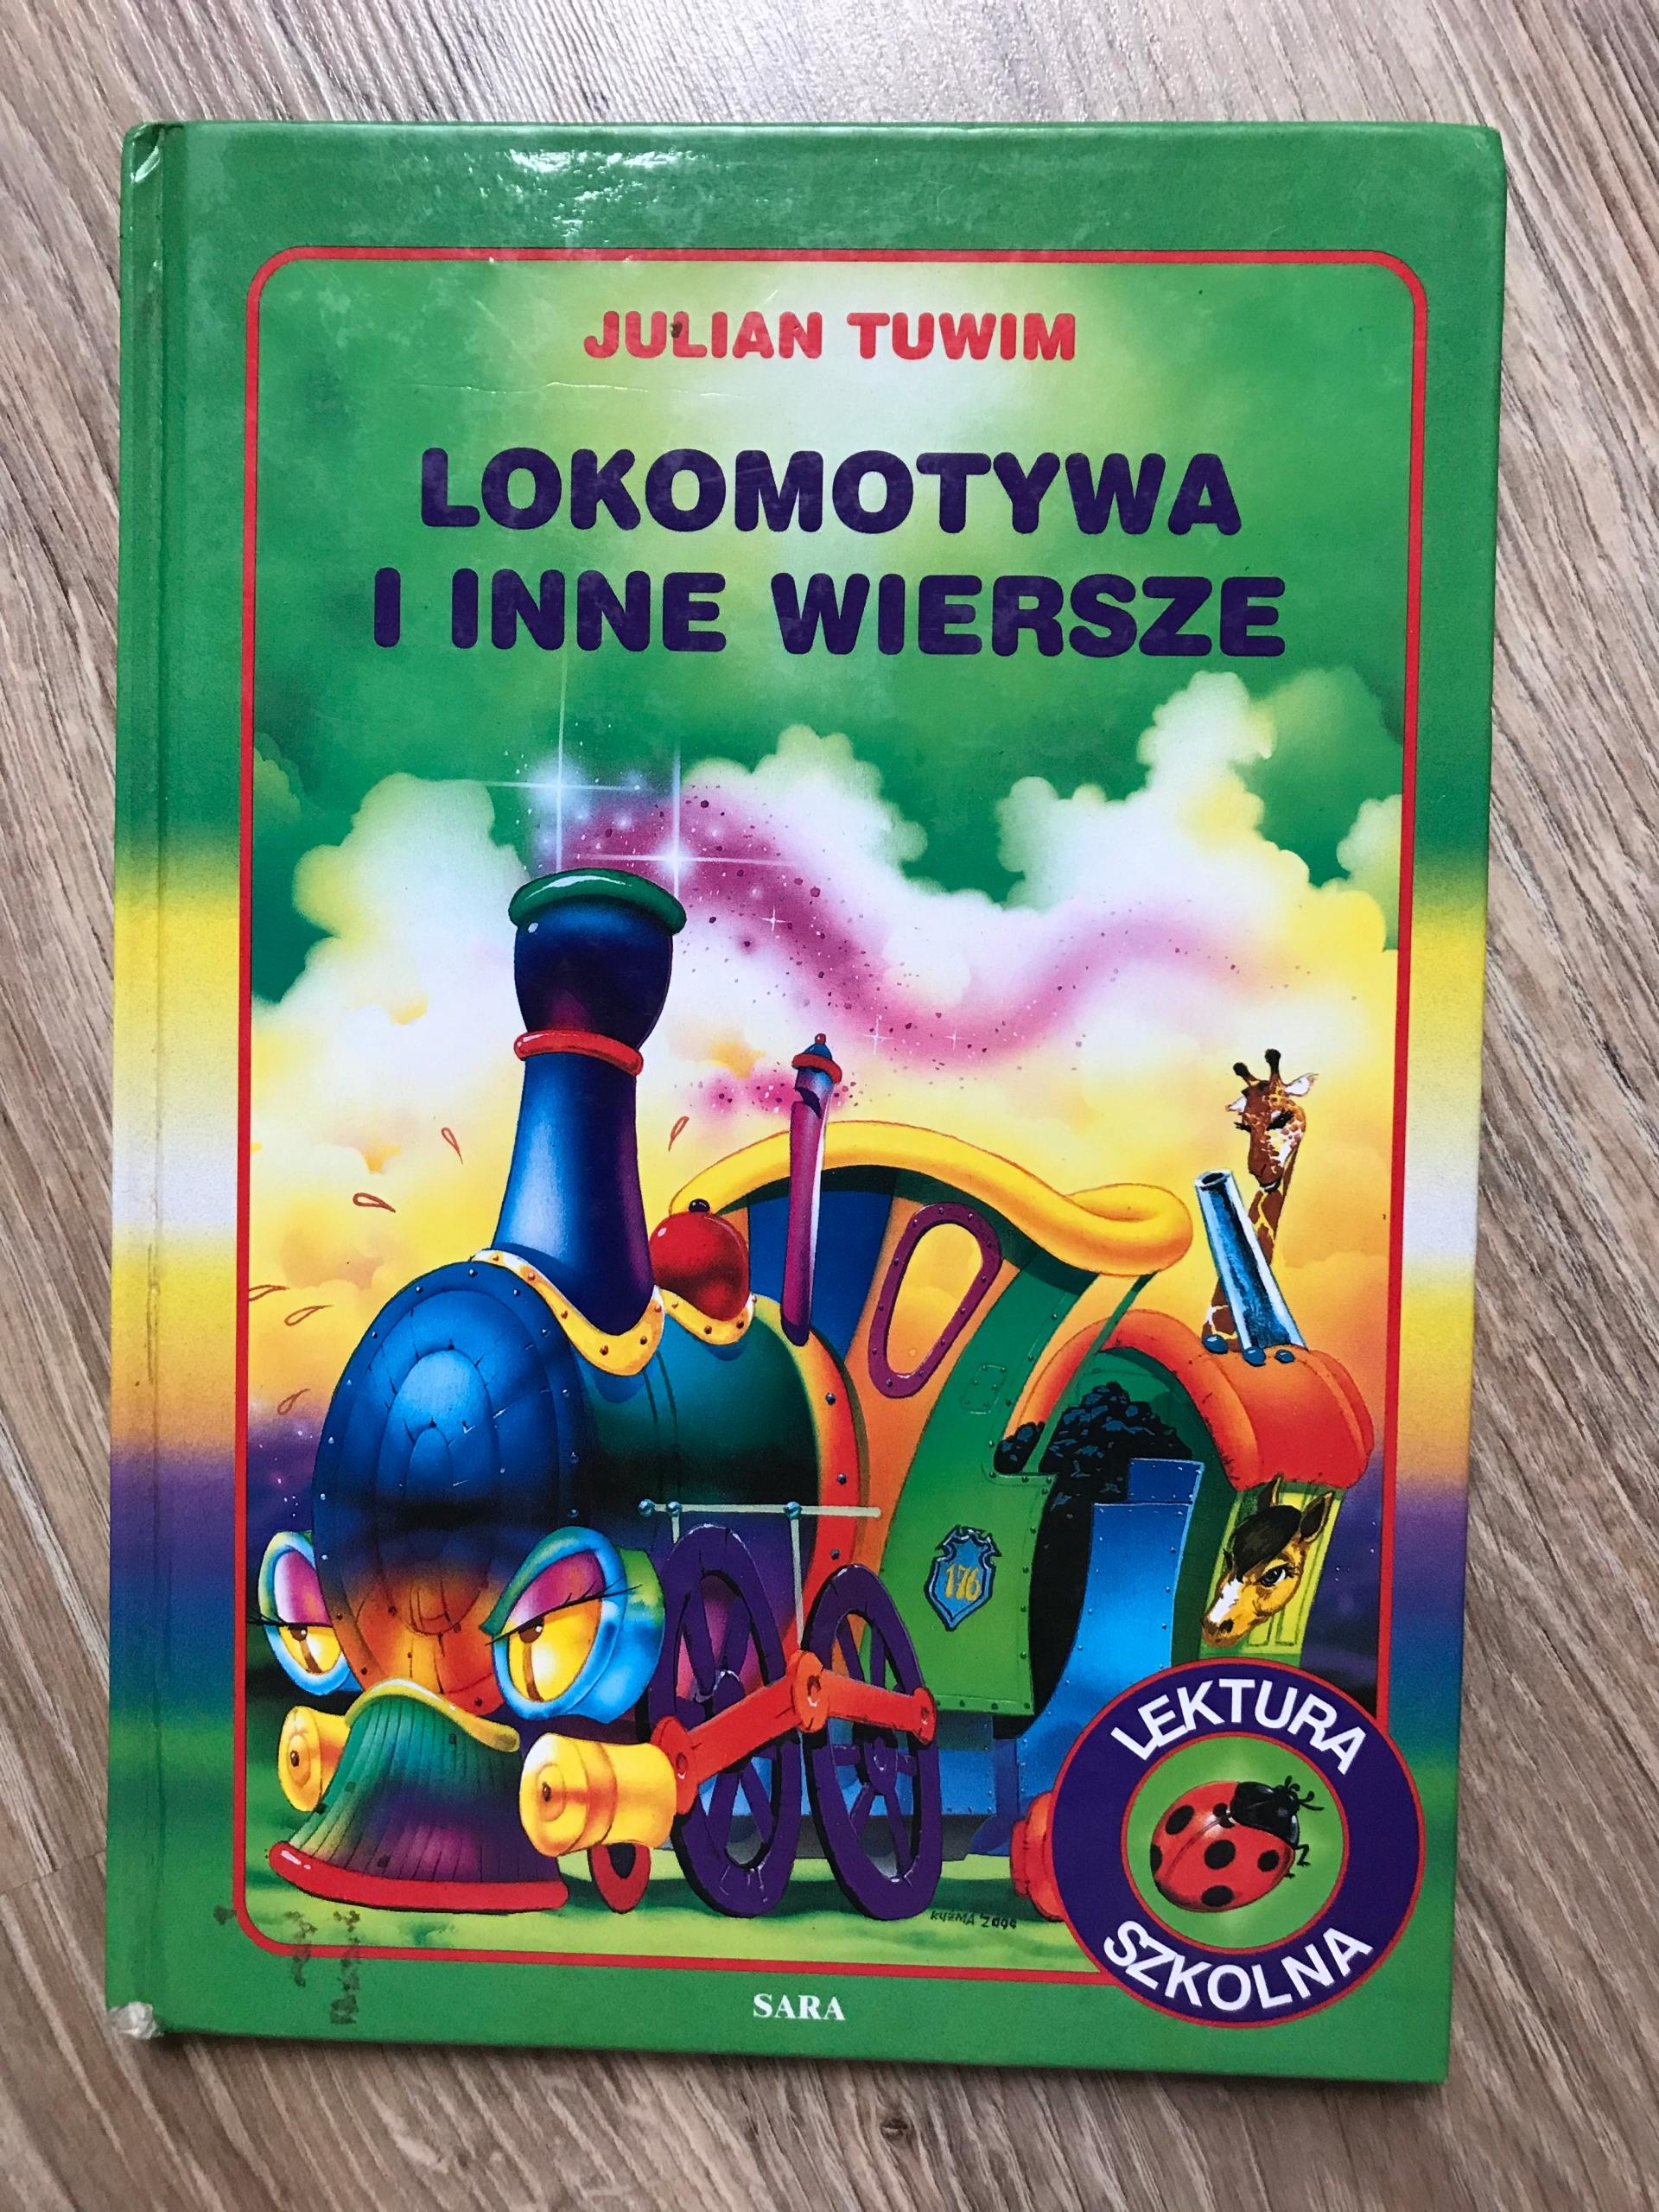 Lokomotywa I Inne Wiersze Julian Tuwim Książka 7501369005